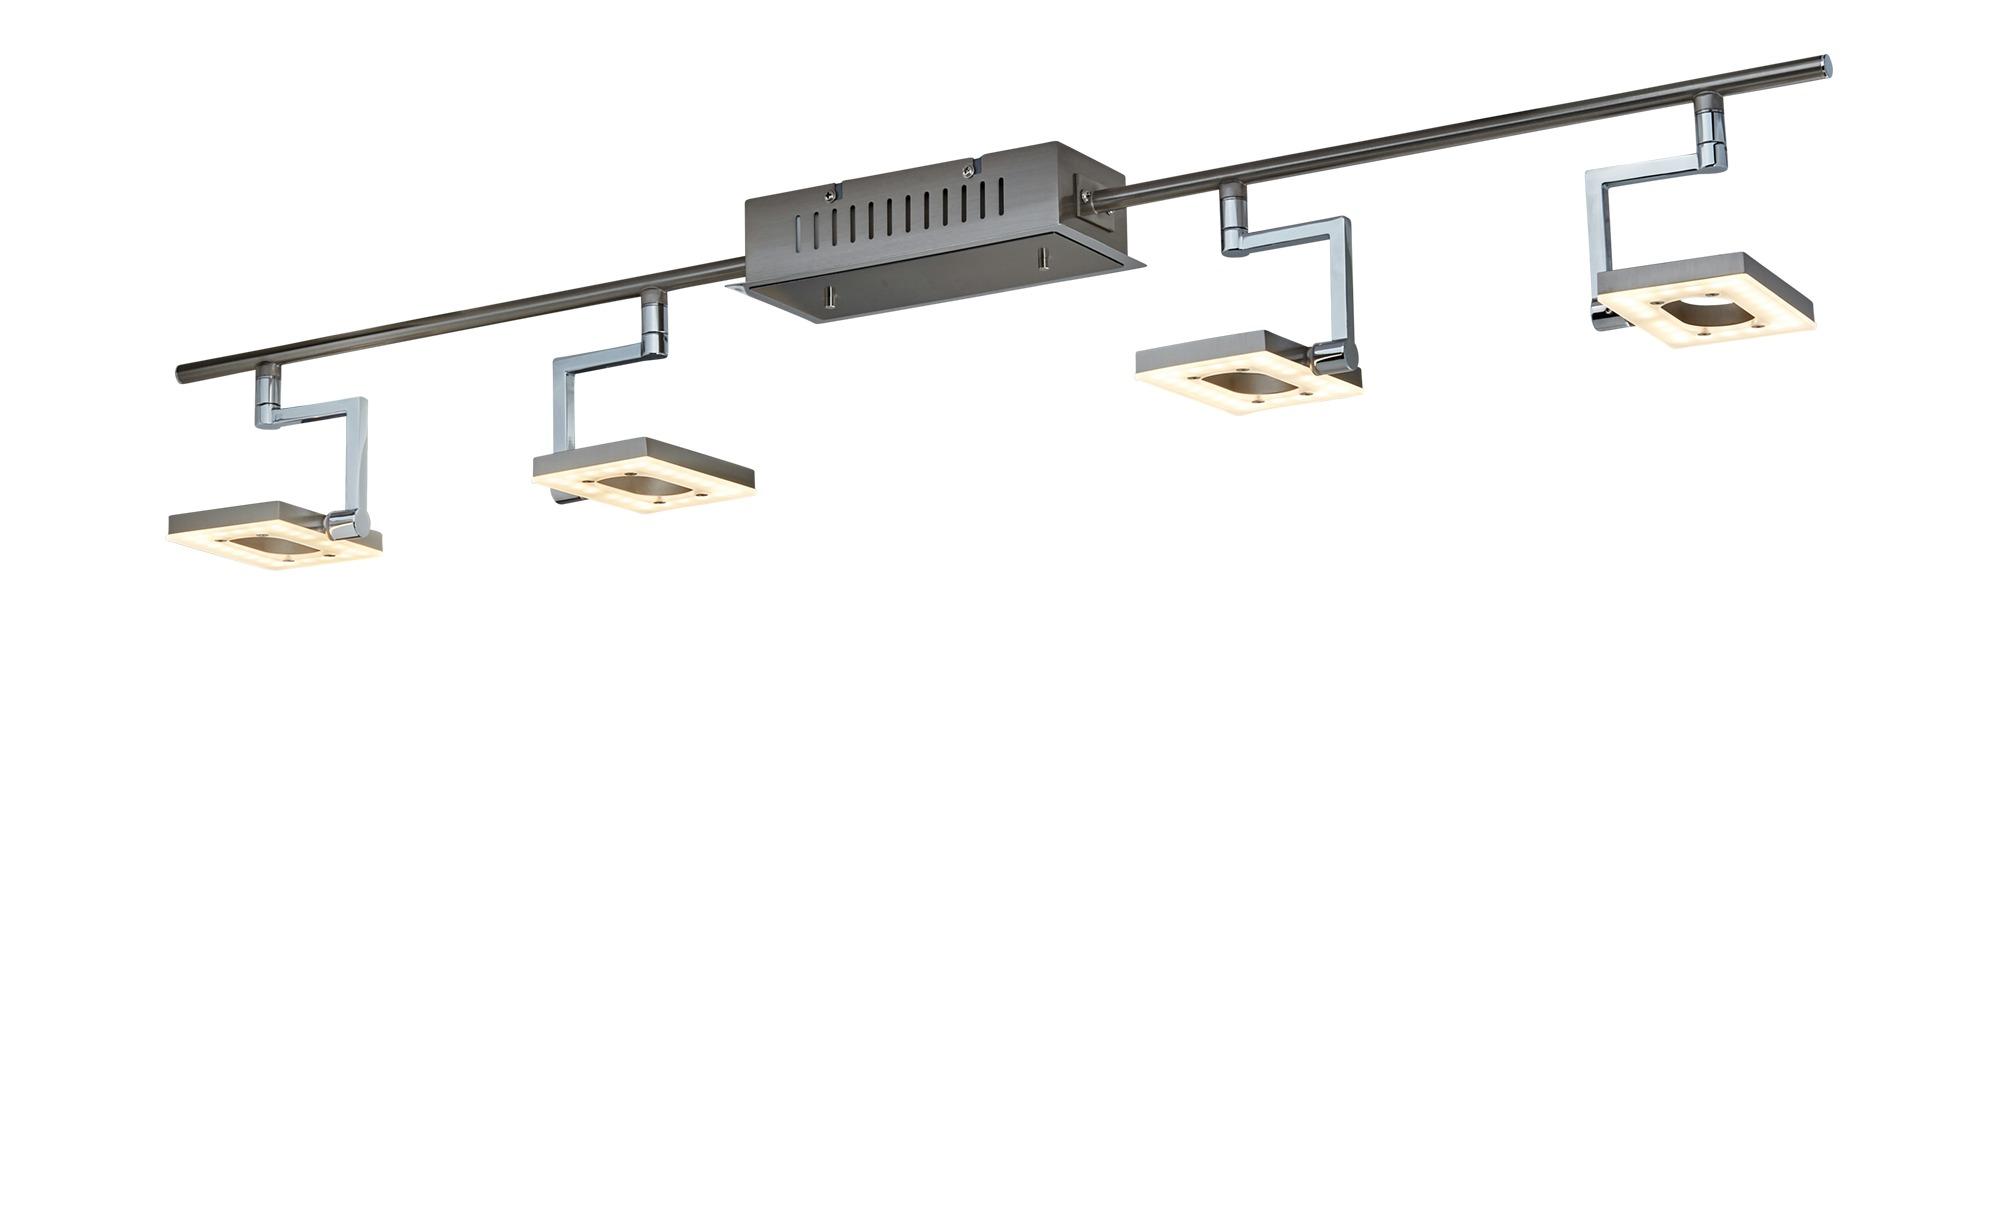 Fischer-Honsel LED- Strahler, 4-flammig, nickel matt, Kopf viereckig ¦ silber Lampen & Leuchten > LED-Leuchten > LED-Strahler & Spots - Höffner